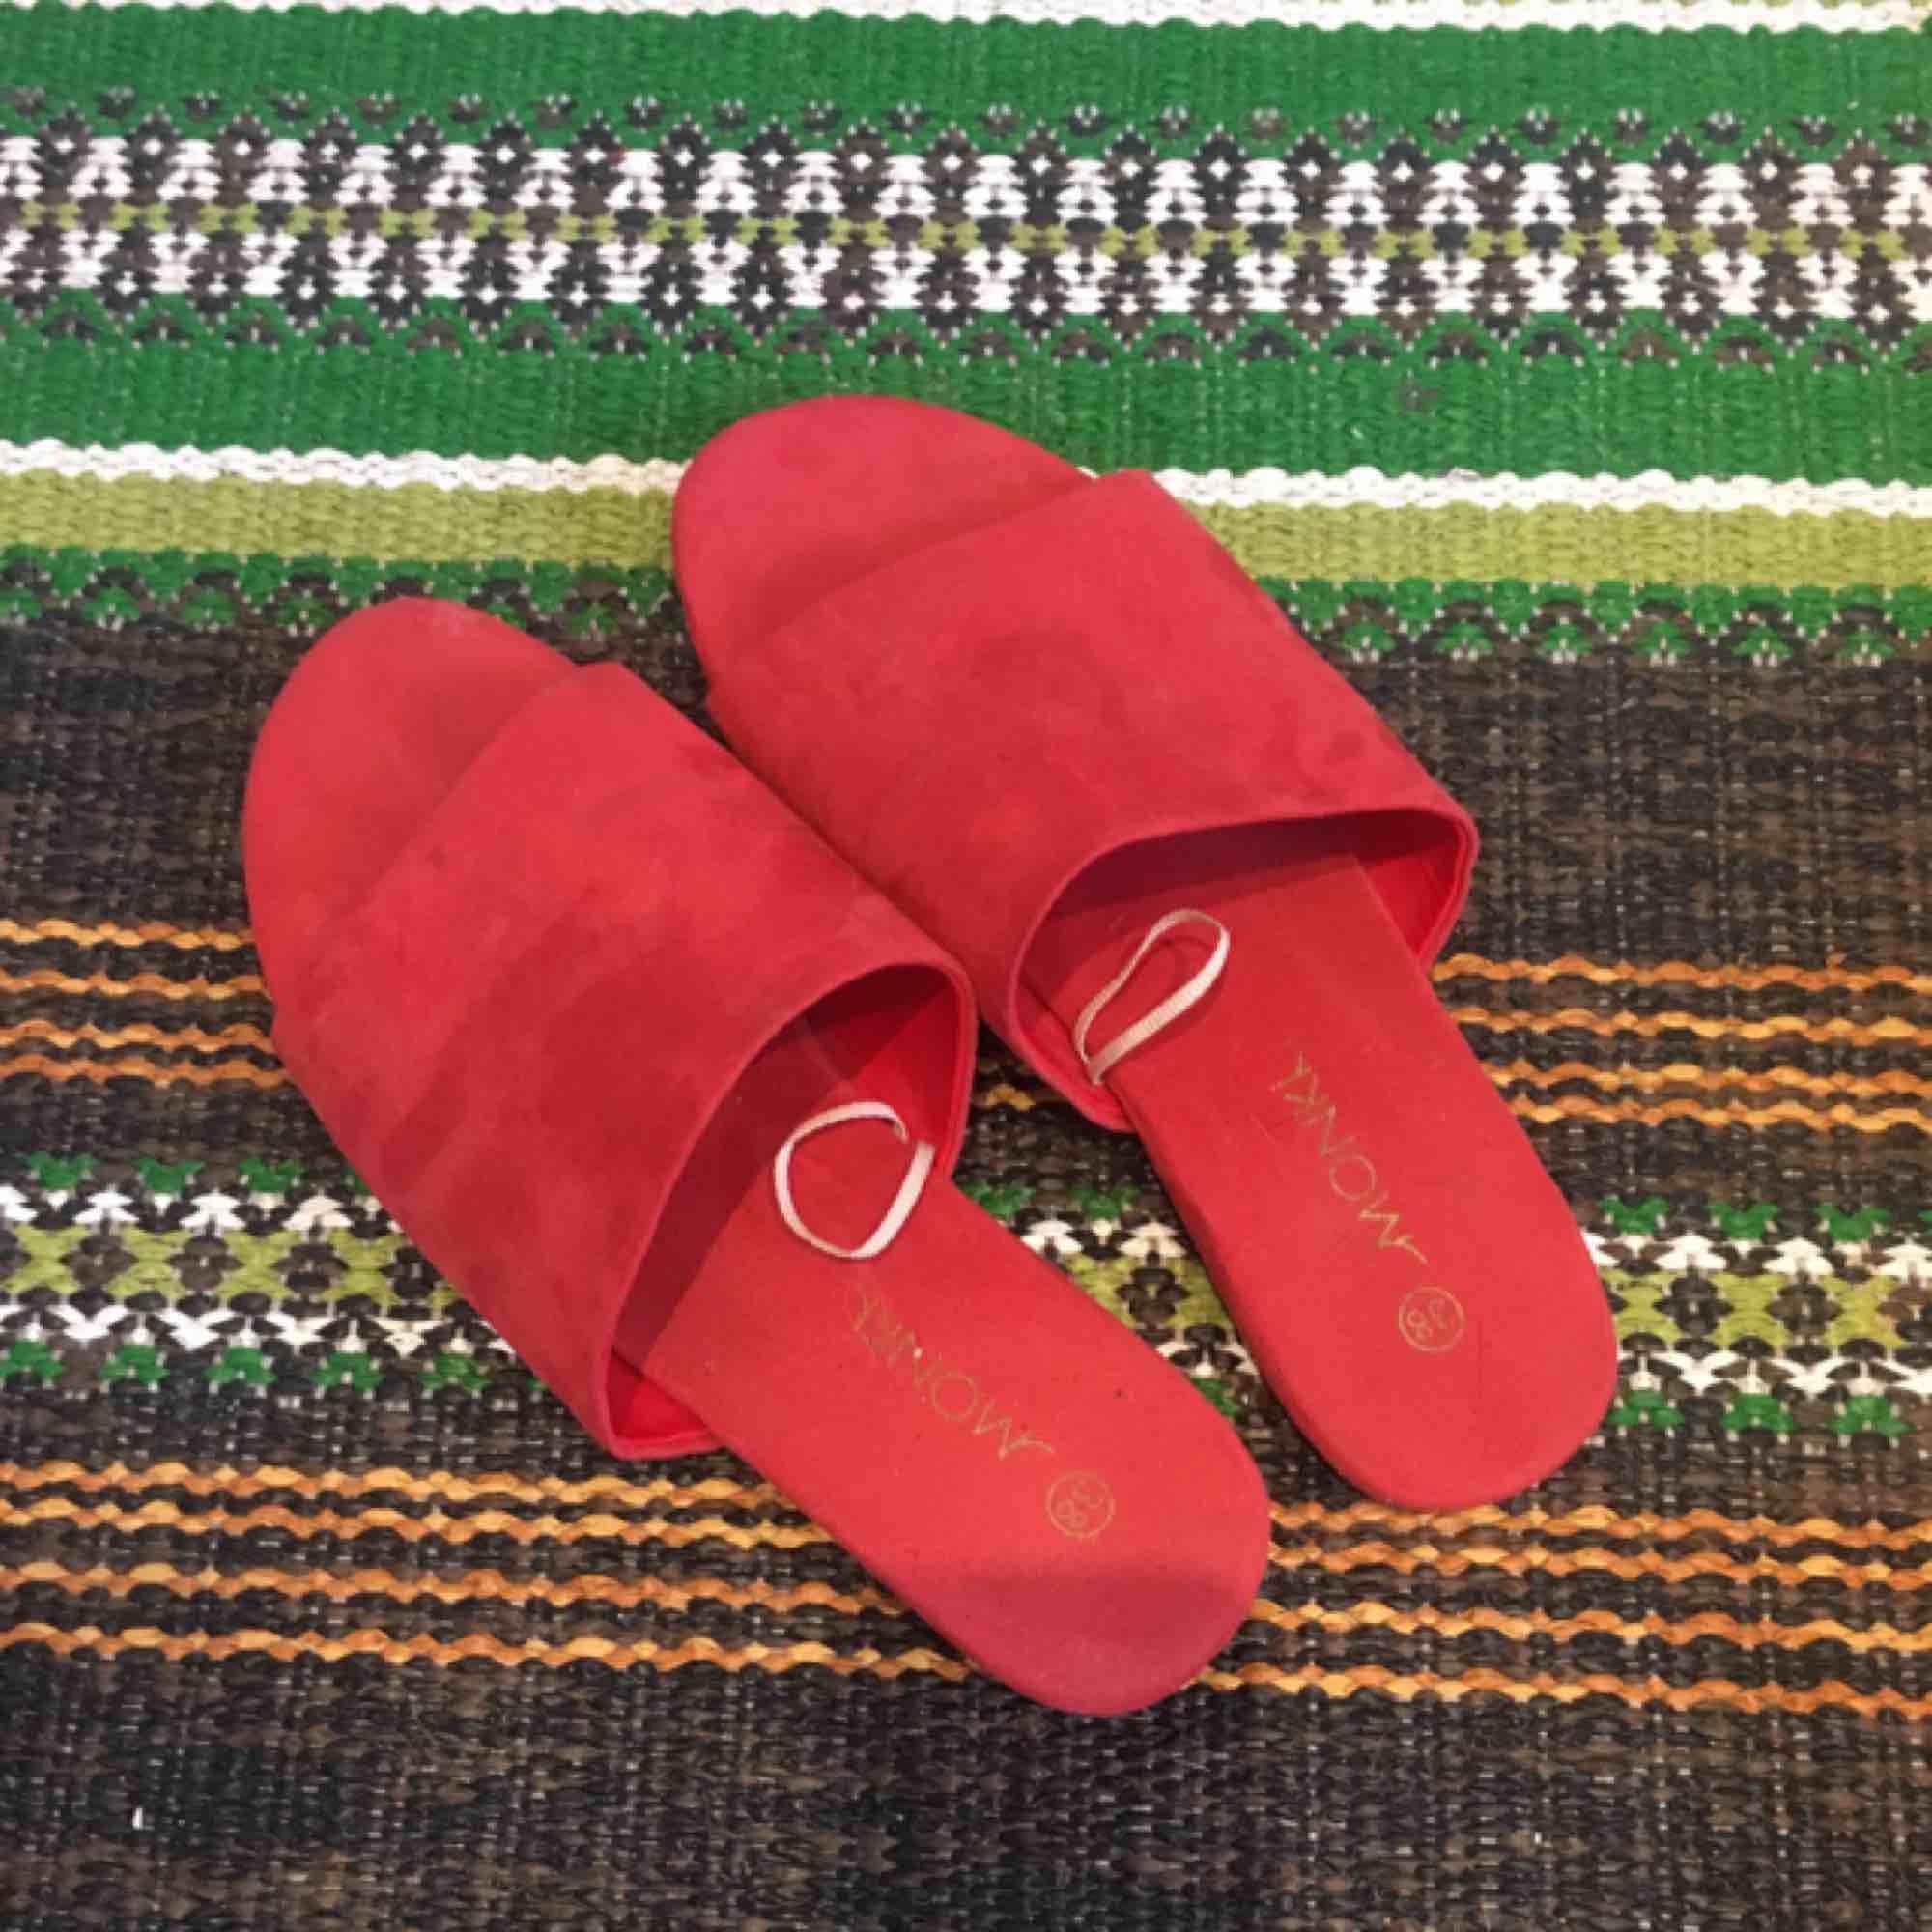 Röda i fakemocka  Använda en gång, fint skick. Perfekta sommarskor. Lätta & sköna. Köparen står för frakt . Skor.